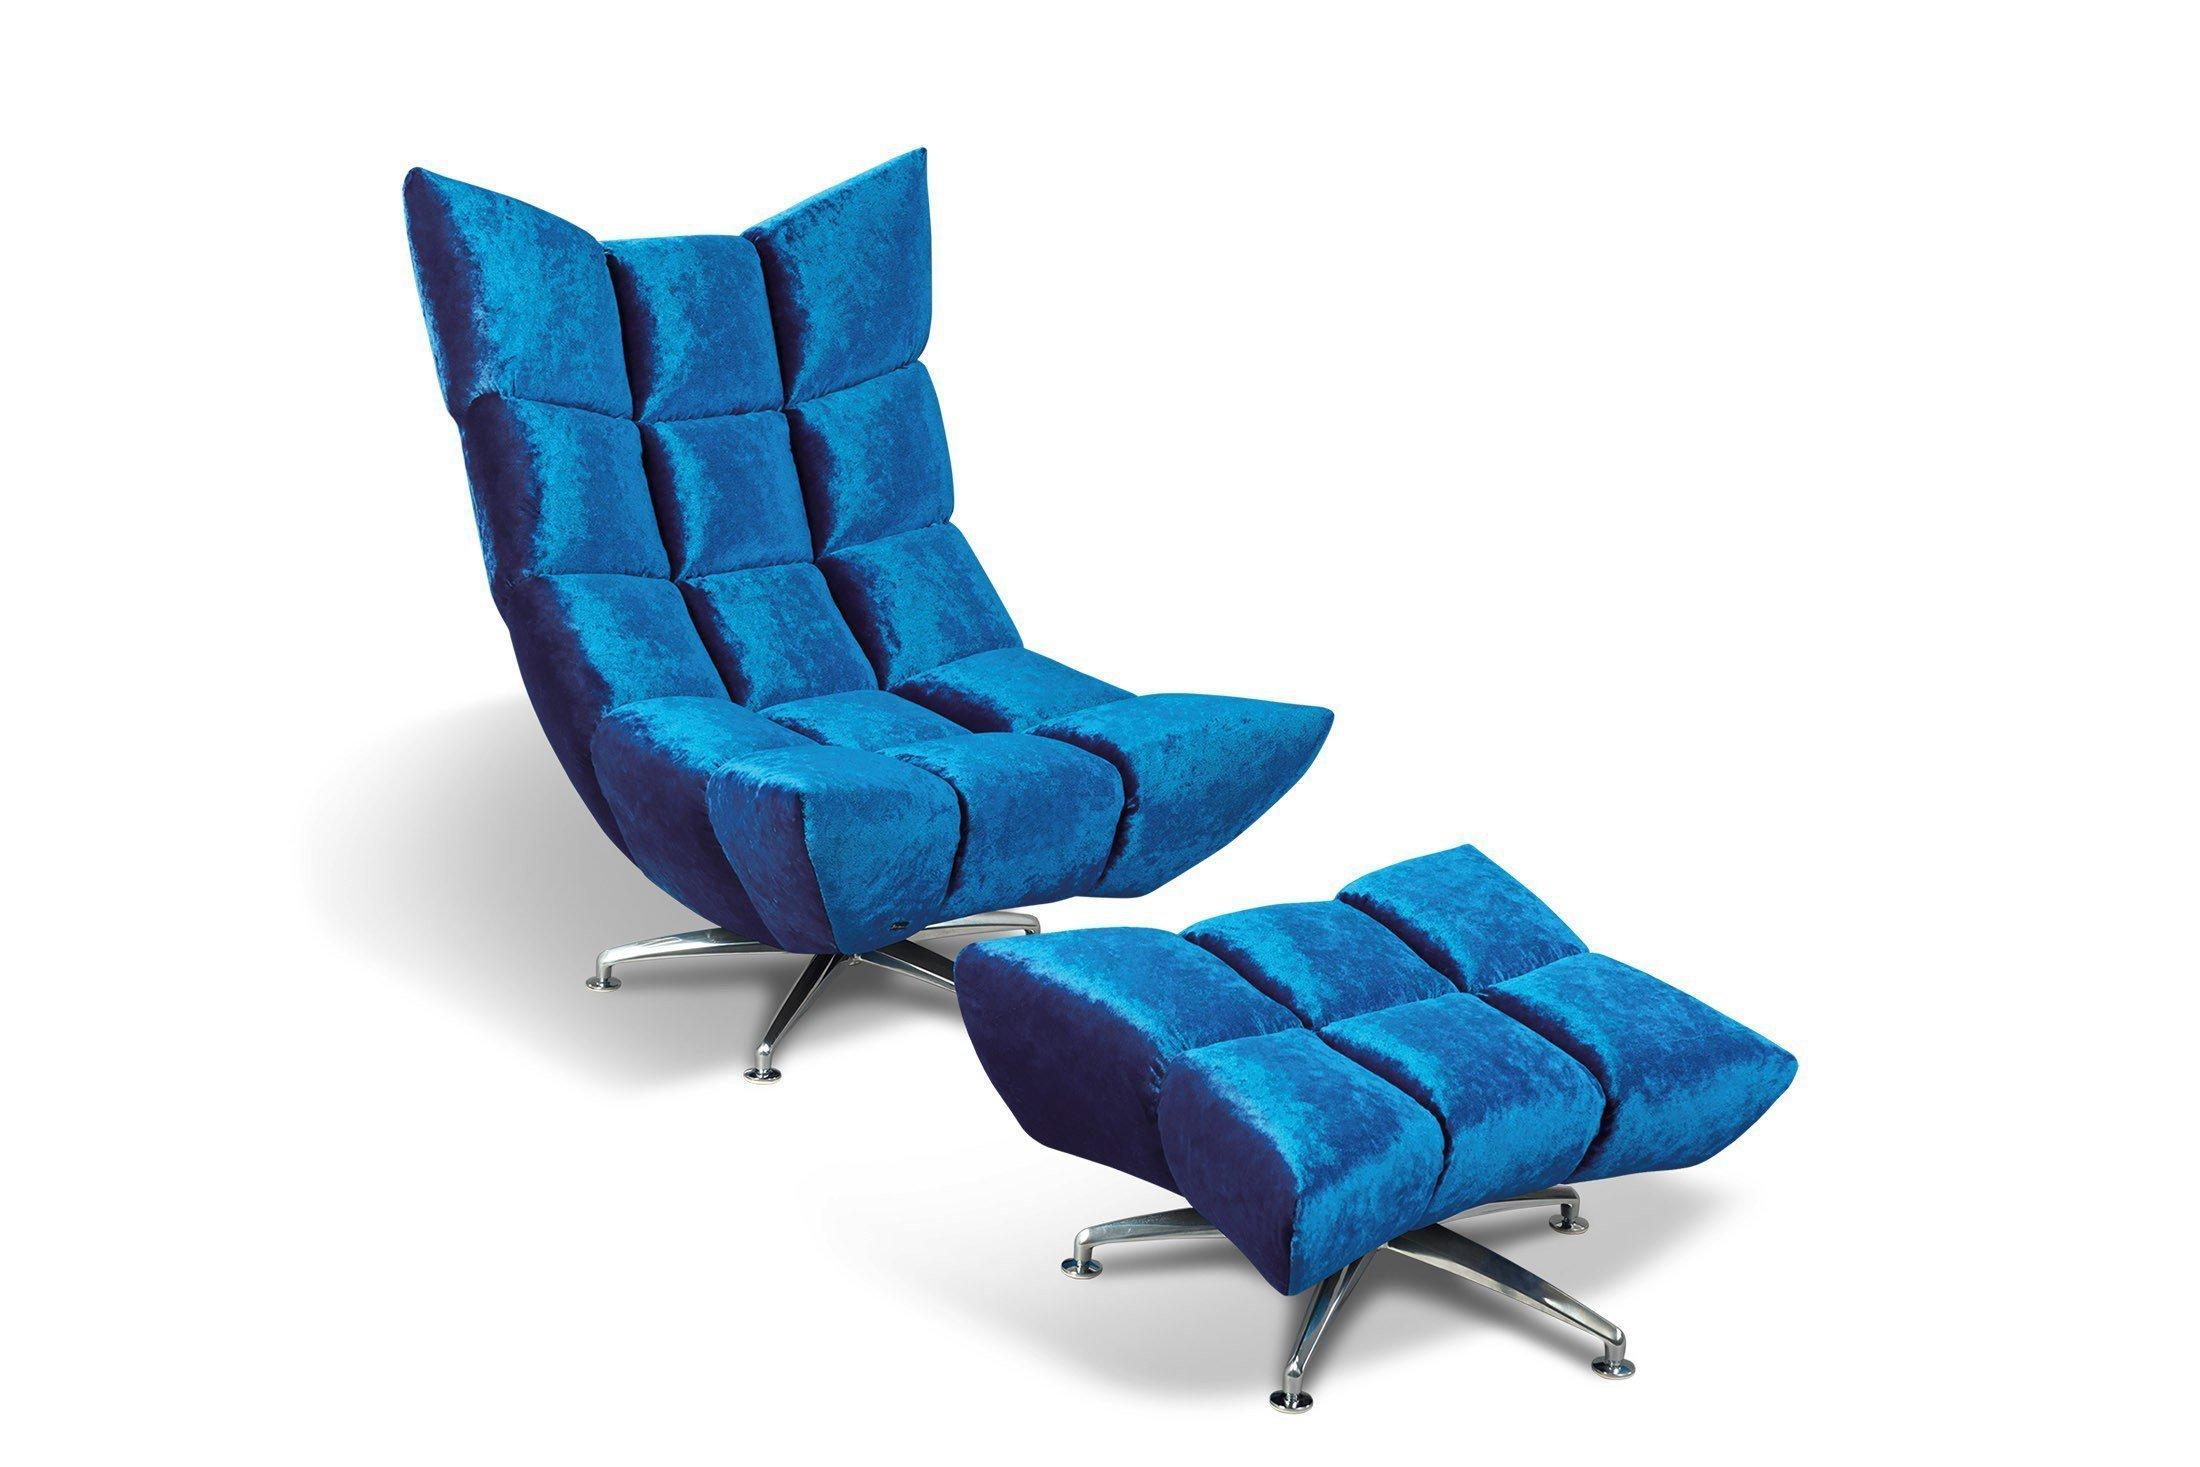 Bretz Hangout Designersessel In Blau Möbel Letz Ihr Online Shop